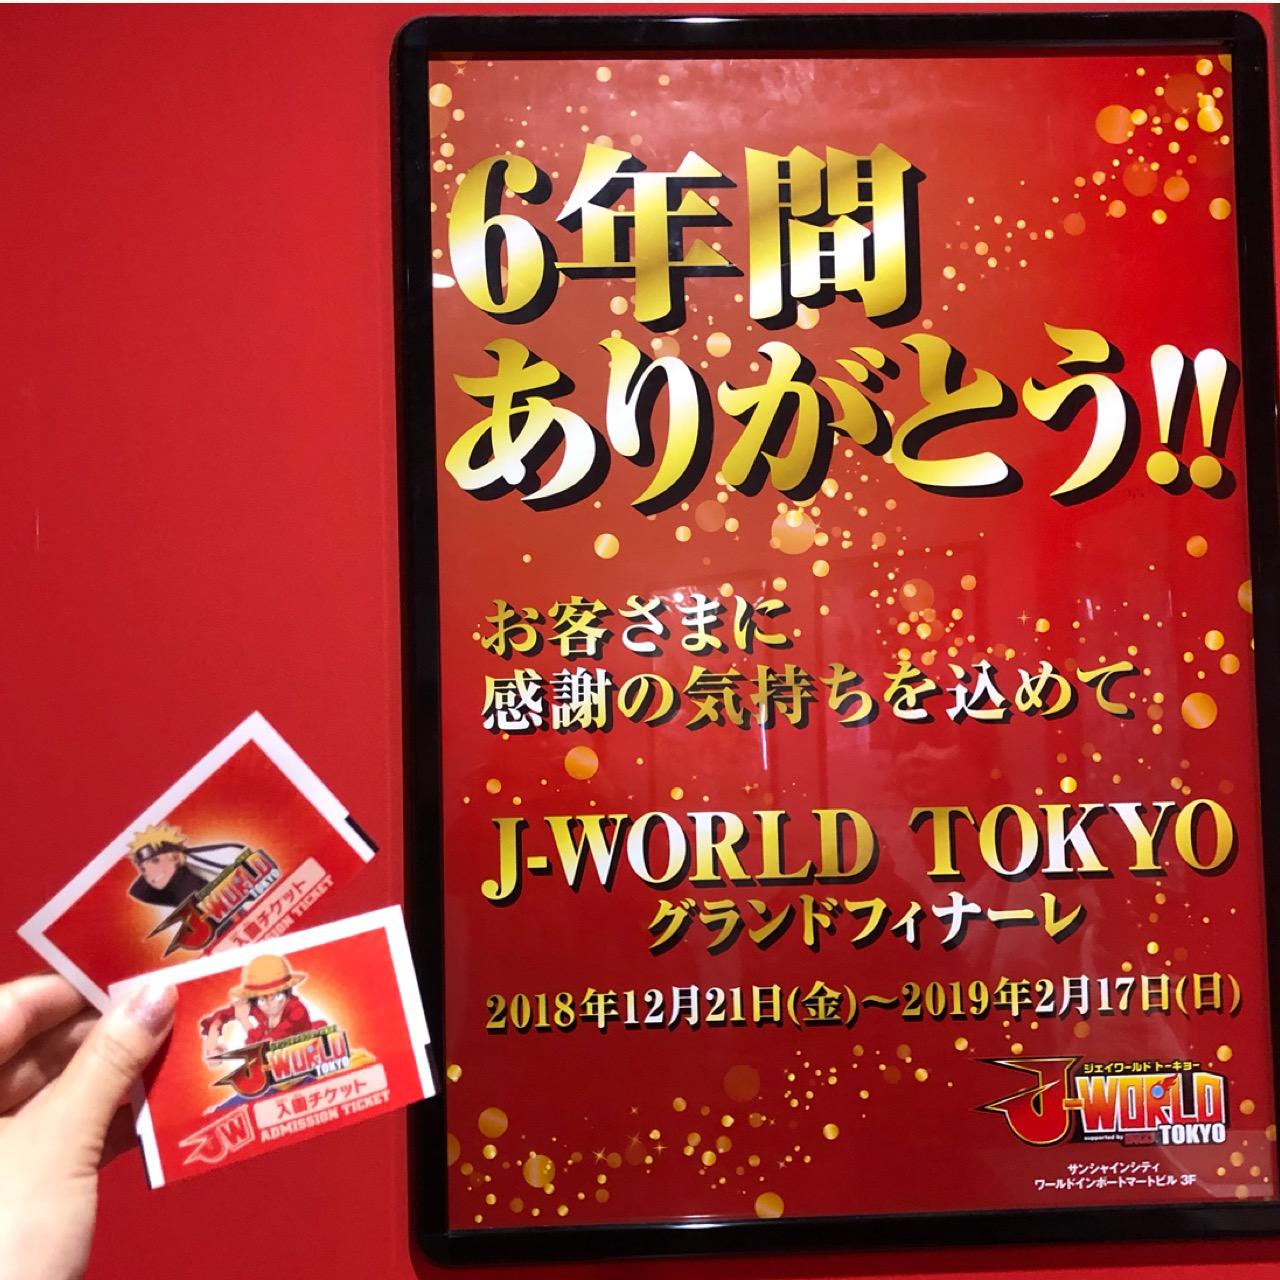 <2/17まで!>ついにグランドフィナーレ!J-WORLD TOKYOへ行ってきました♡_7